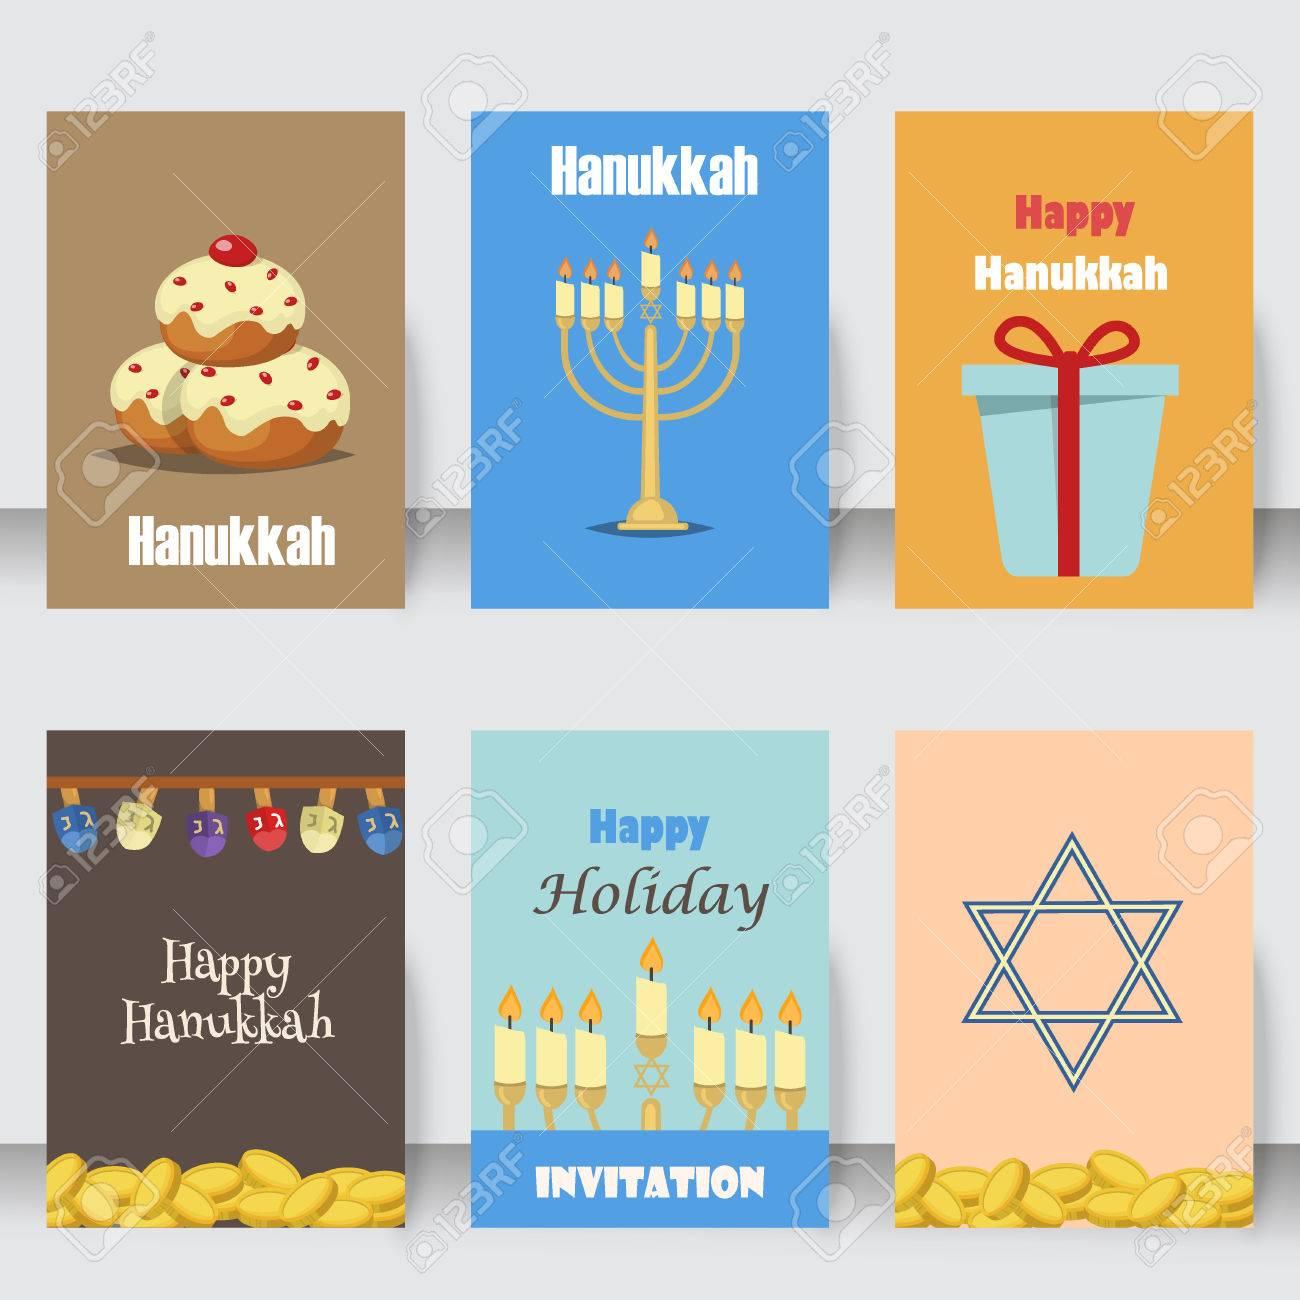 7106436a5742b Jánuca Tradicionales Tarjetas Para Las Fiestas Judías Conjunto De Vectores.  Varias Tarjetas De Judías Y Los Iconos Planos Invitación De Jánuca  Celebración ...